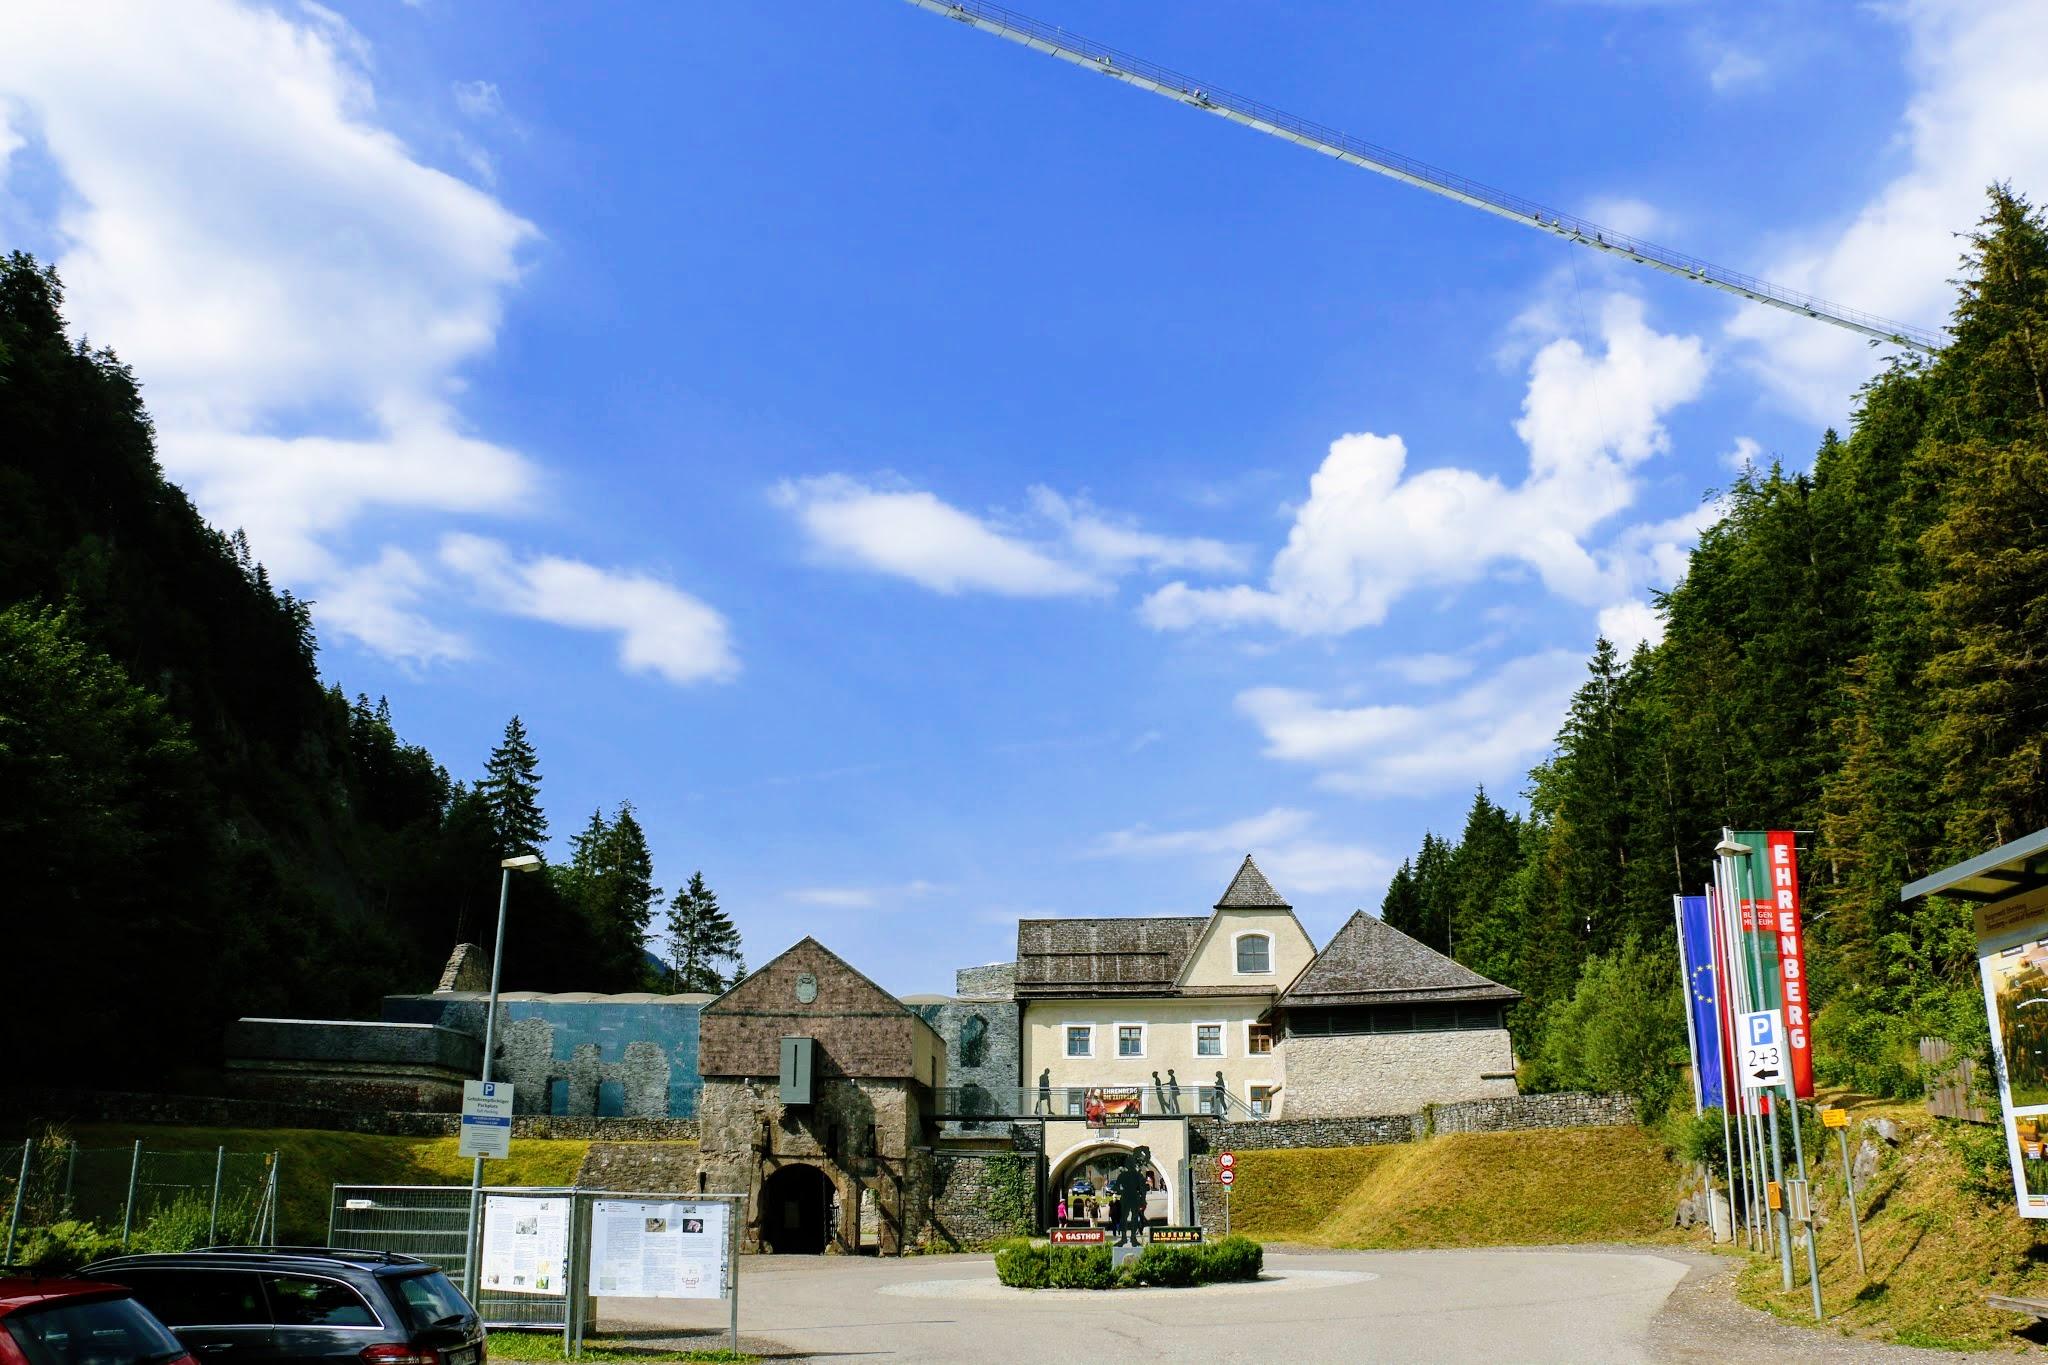 Ehrenberg | Burgenwelt Ehrenberg in Reutte / Tirol